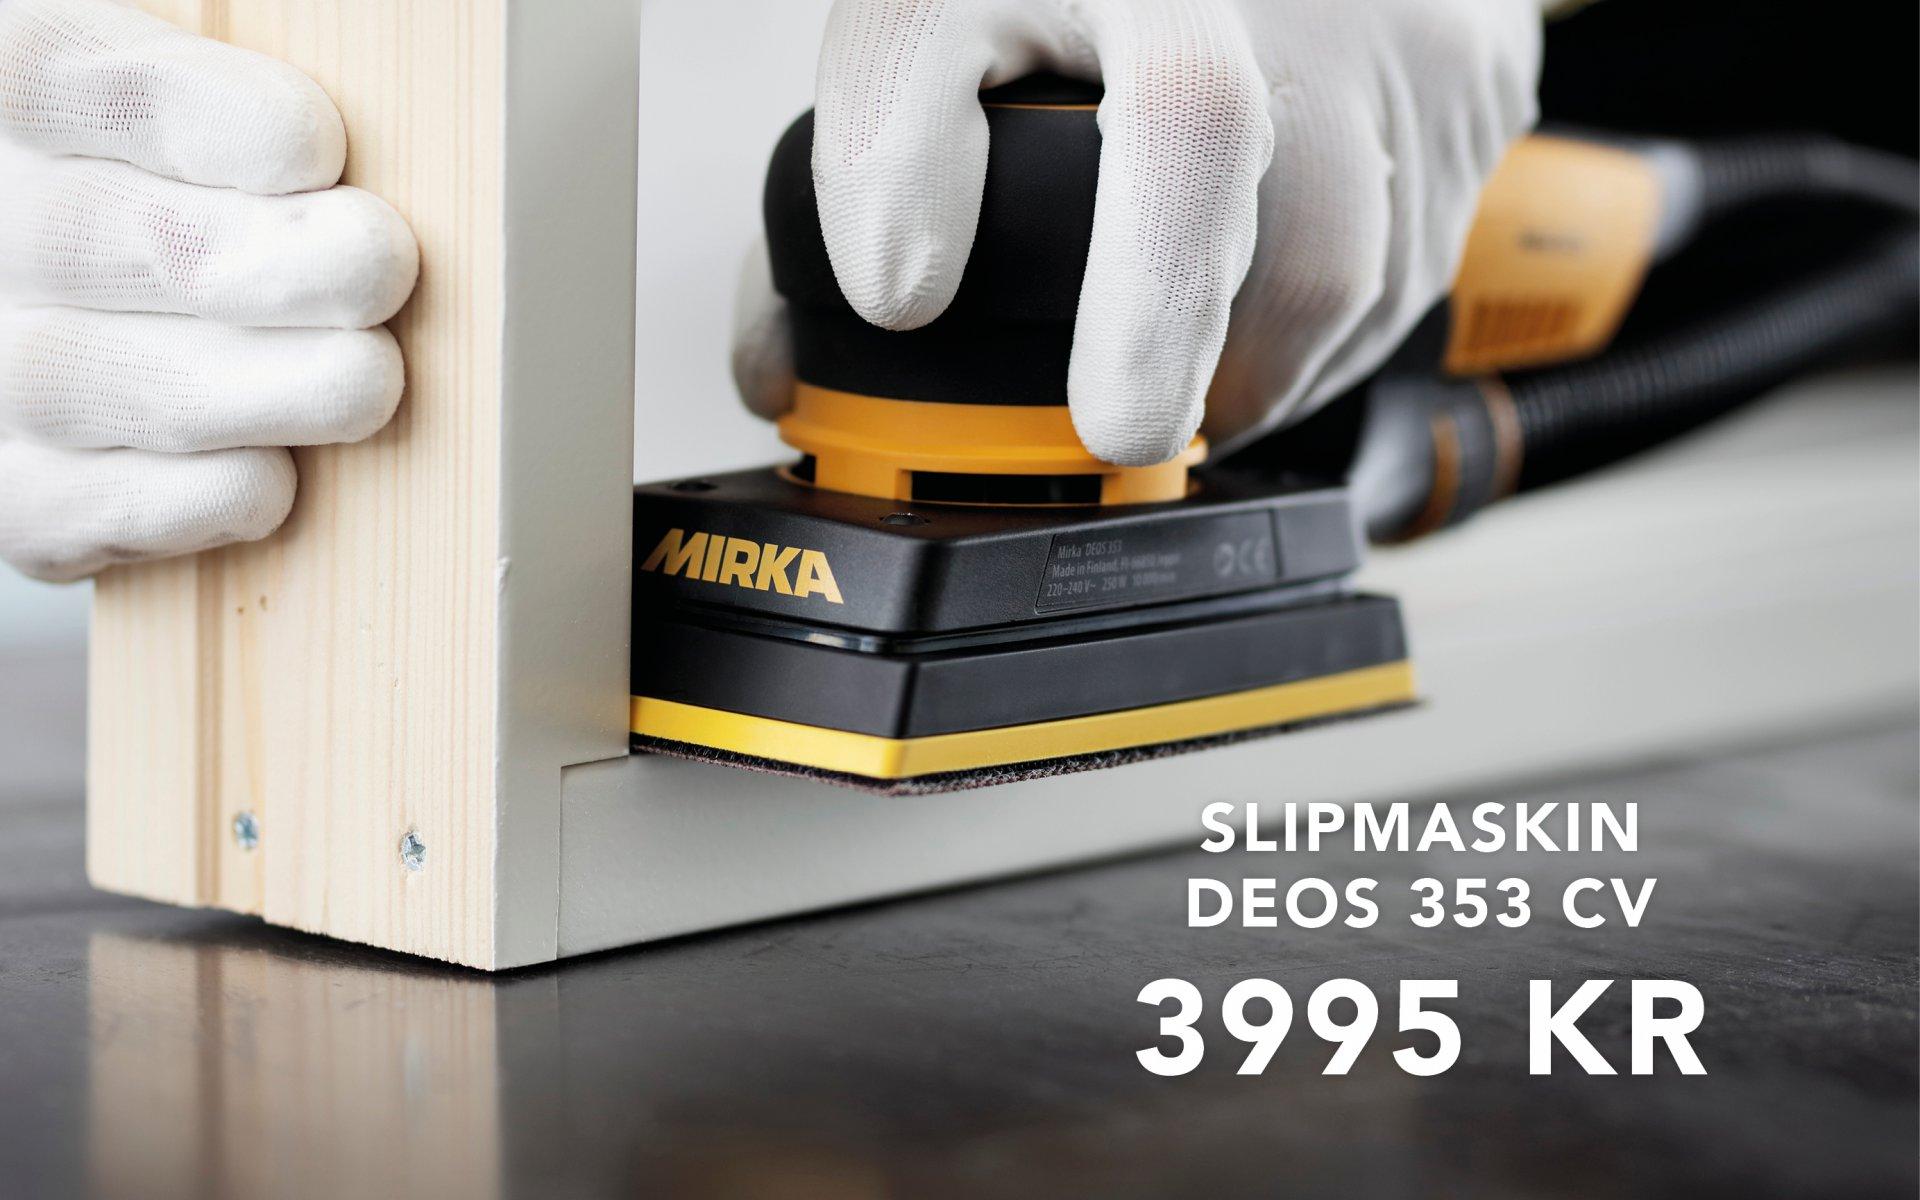 Mirka Deos 353cv